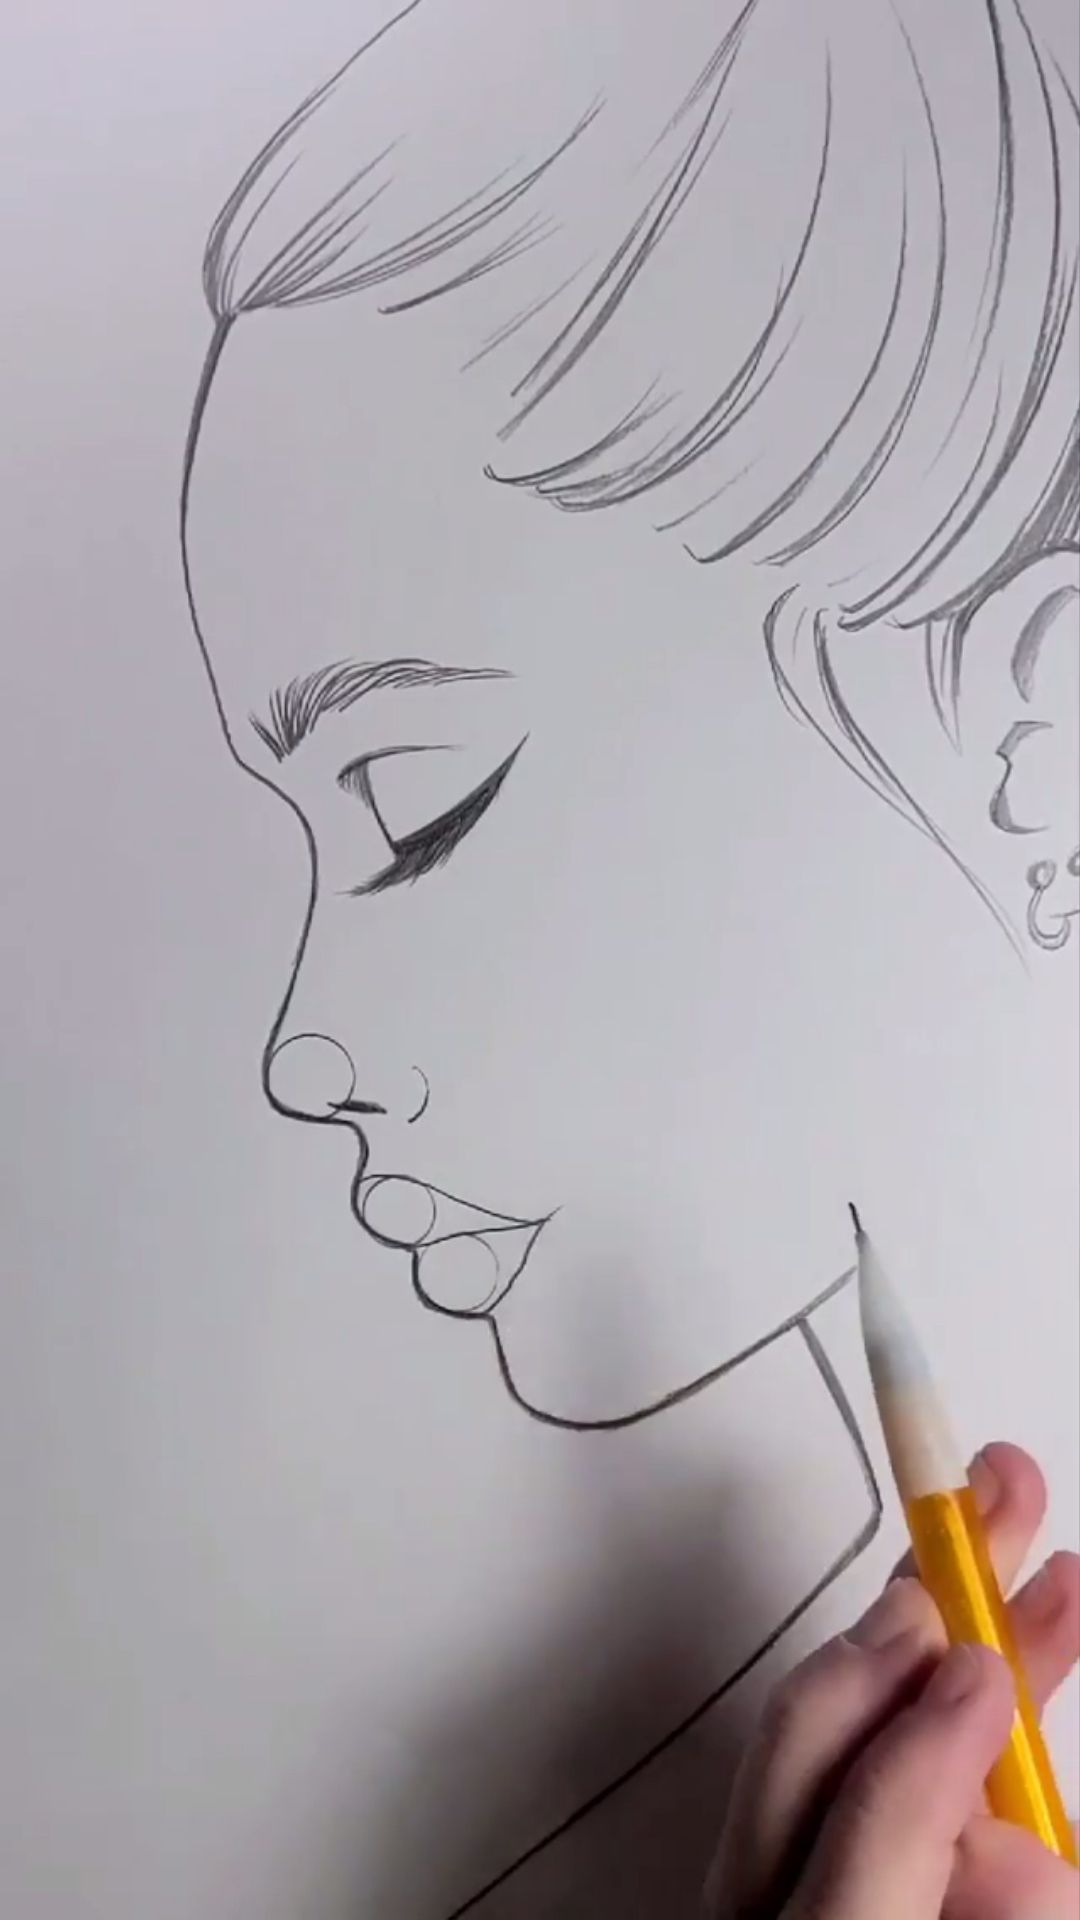 Уроки рисования уроки рисования карандашом drawing lessons уроки рисования лица